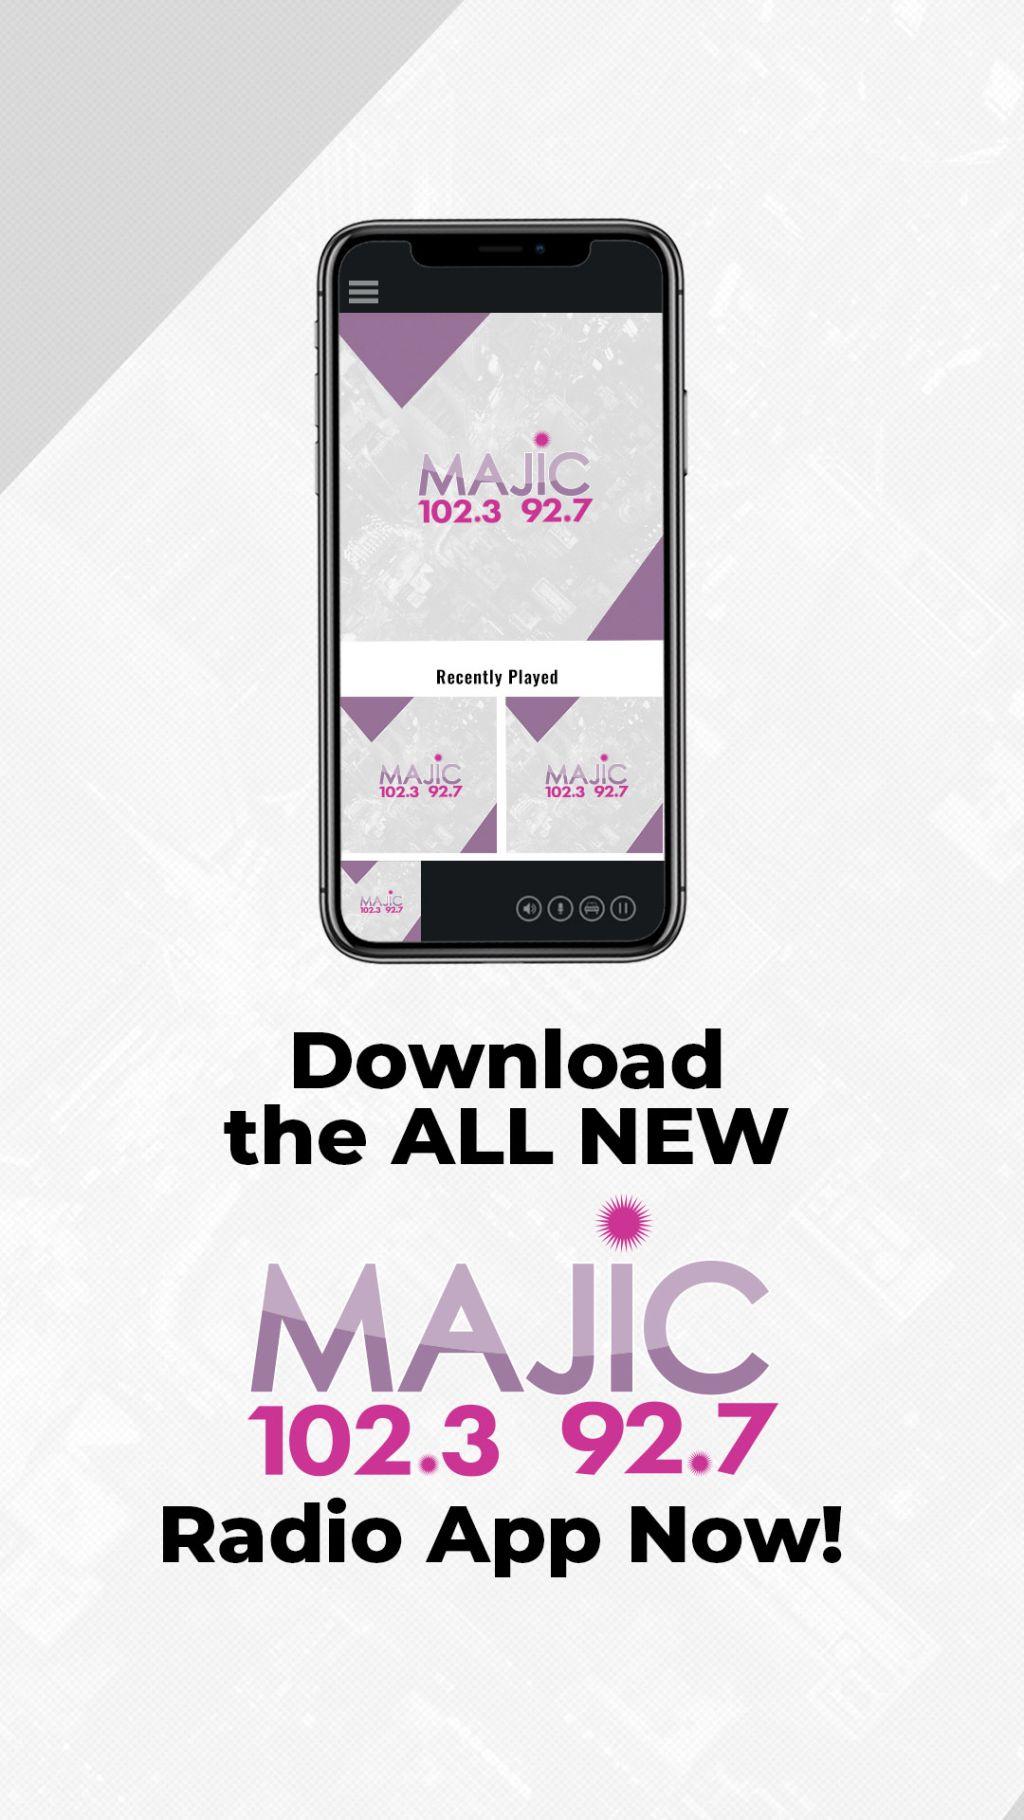 Majic DC App